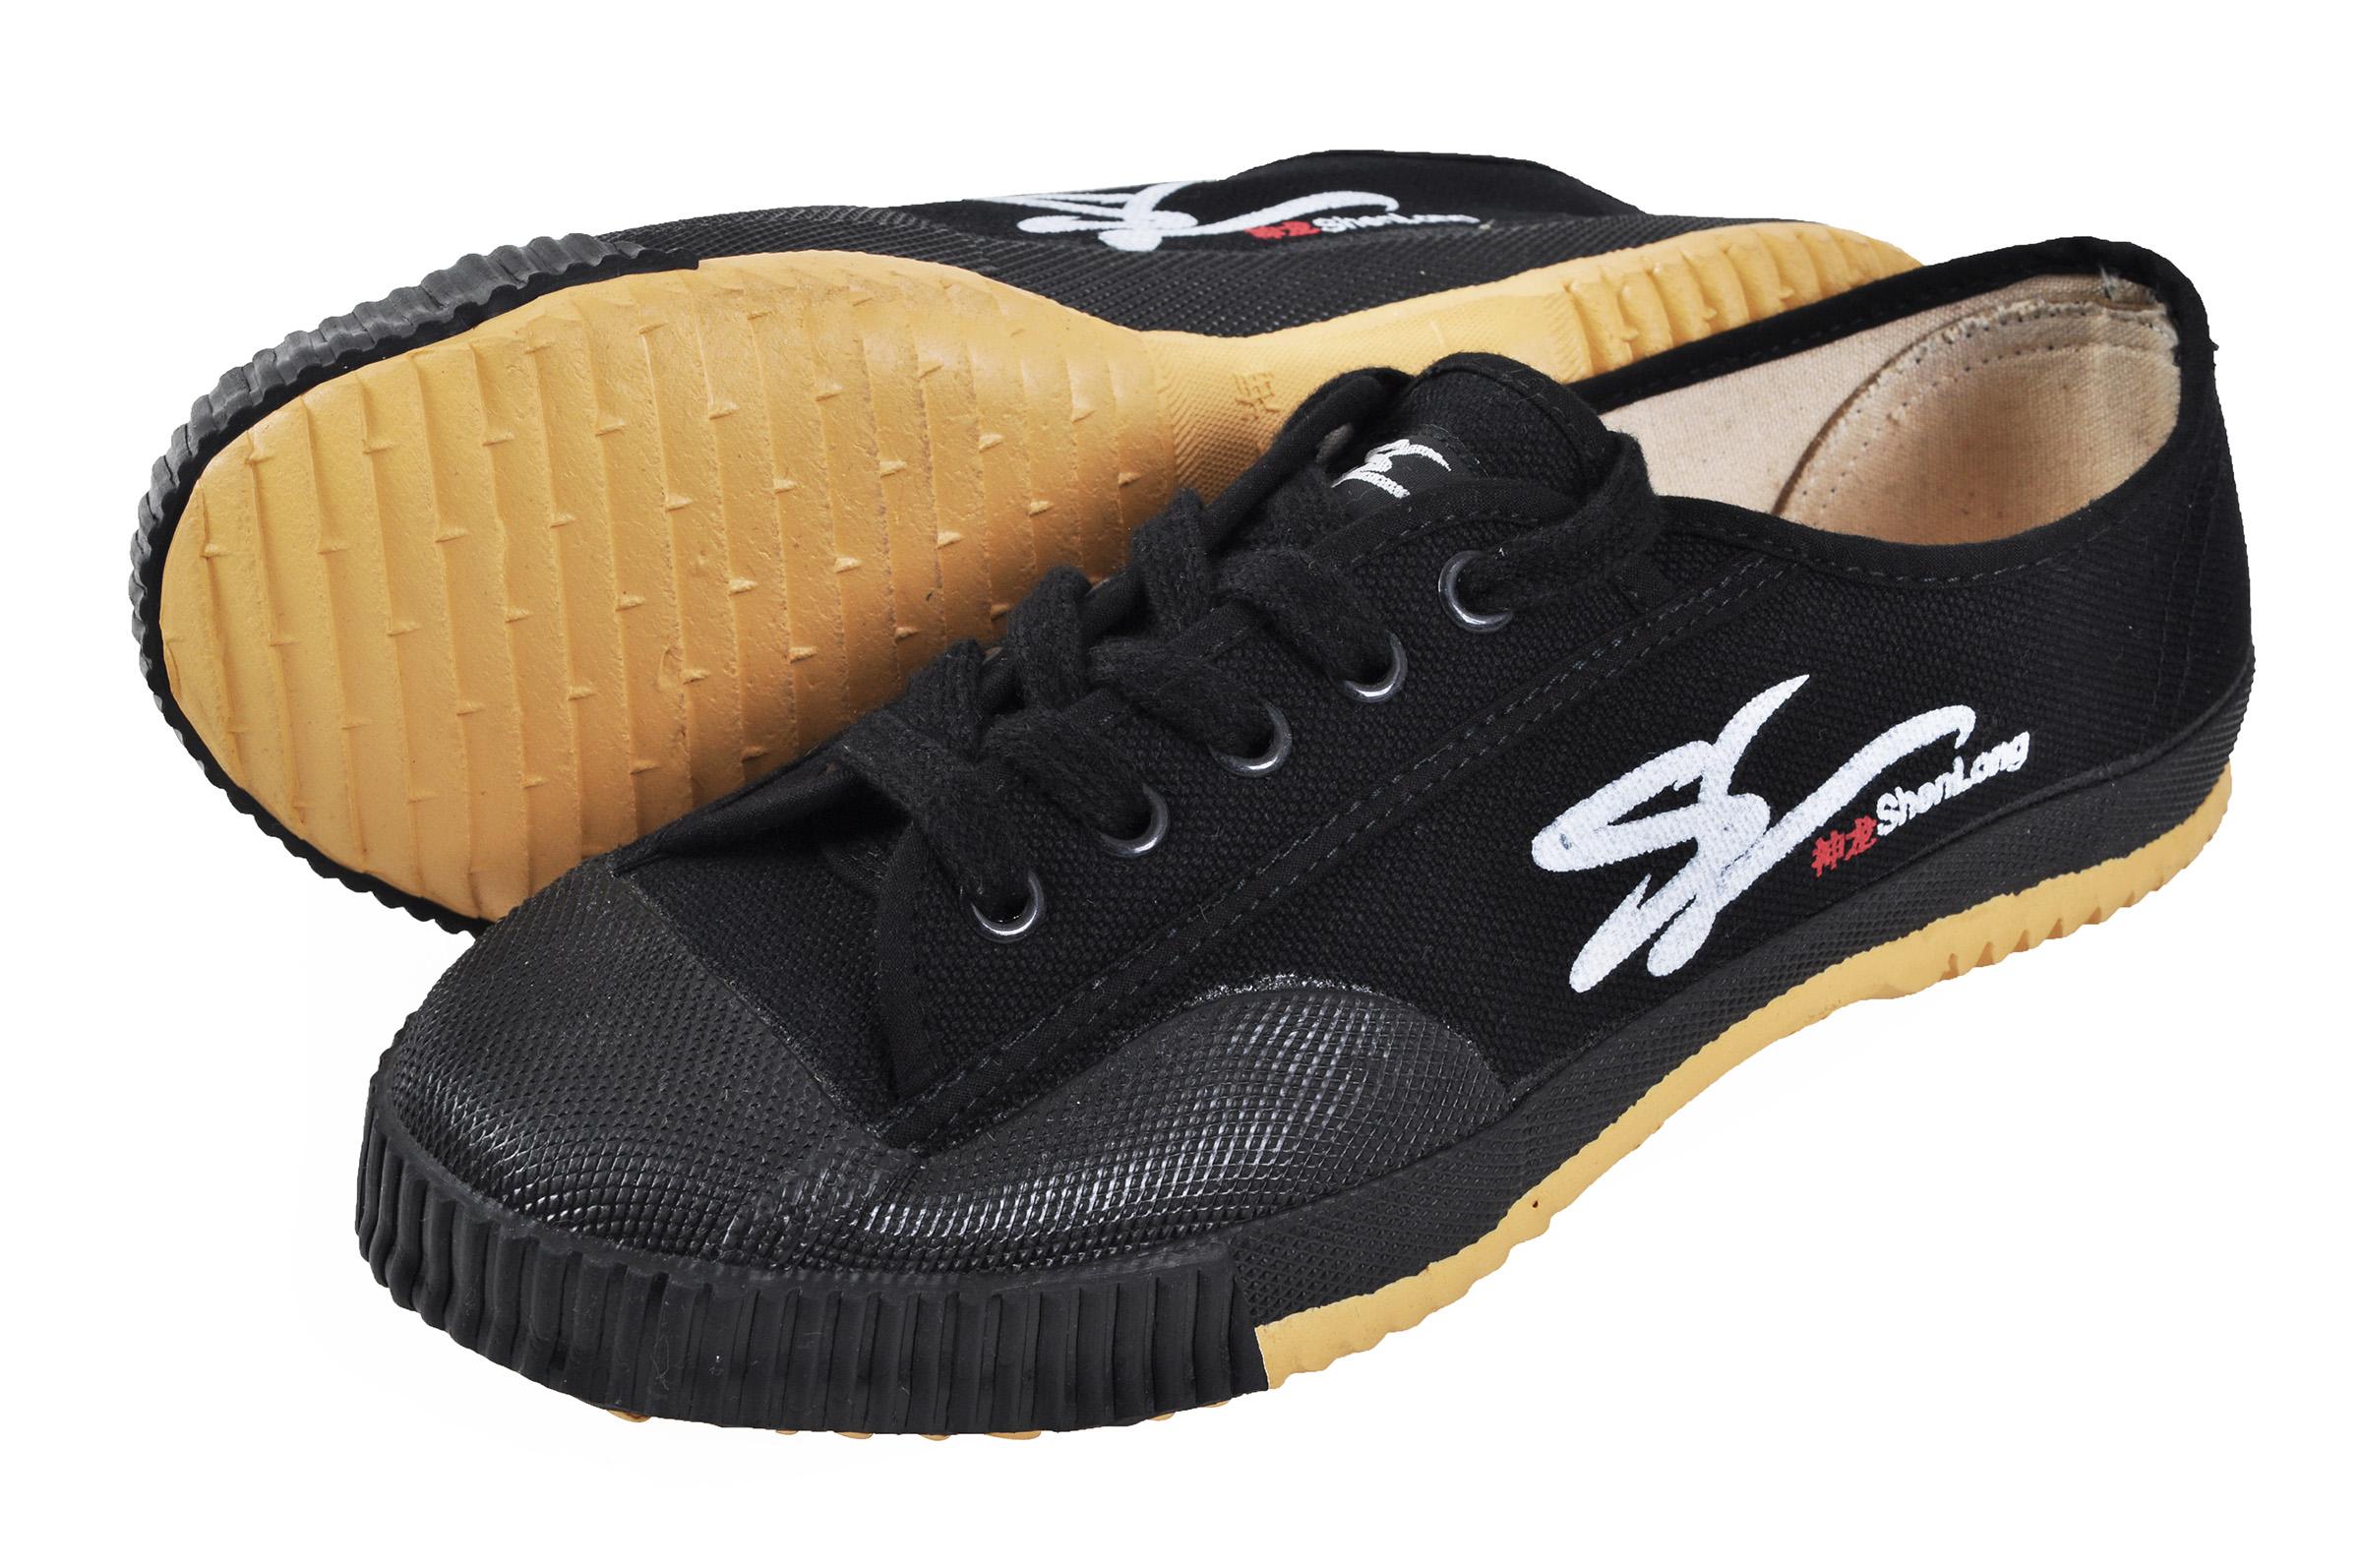 Chaussures Wushu 'shen Long', Blanc - 45